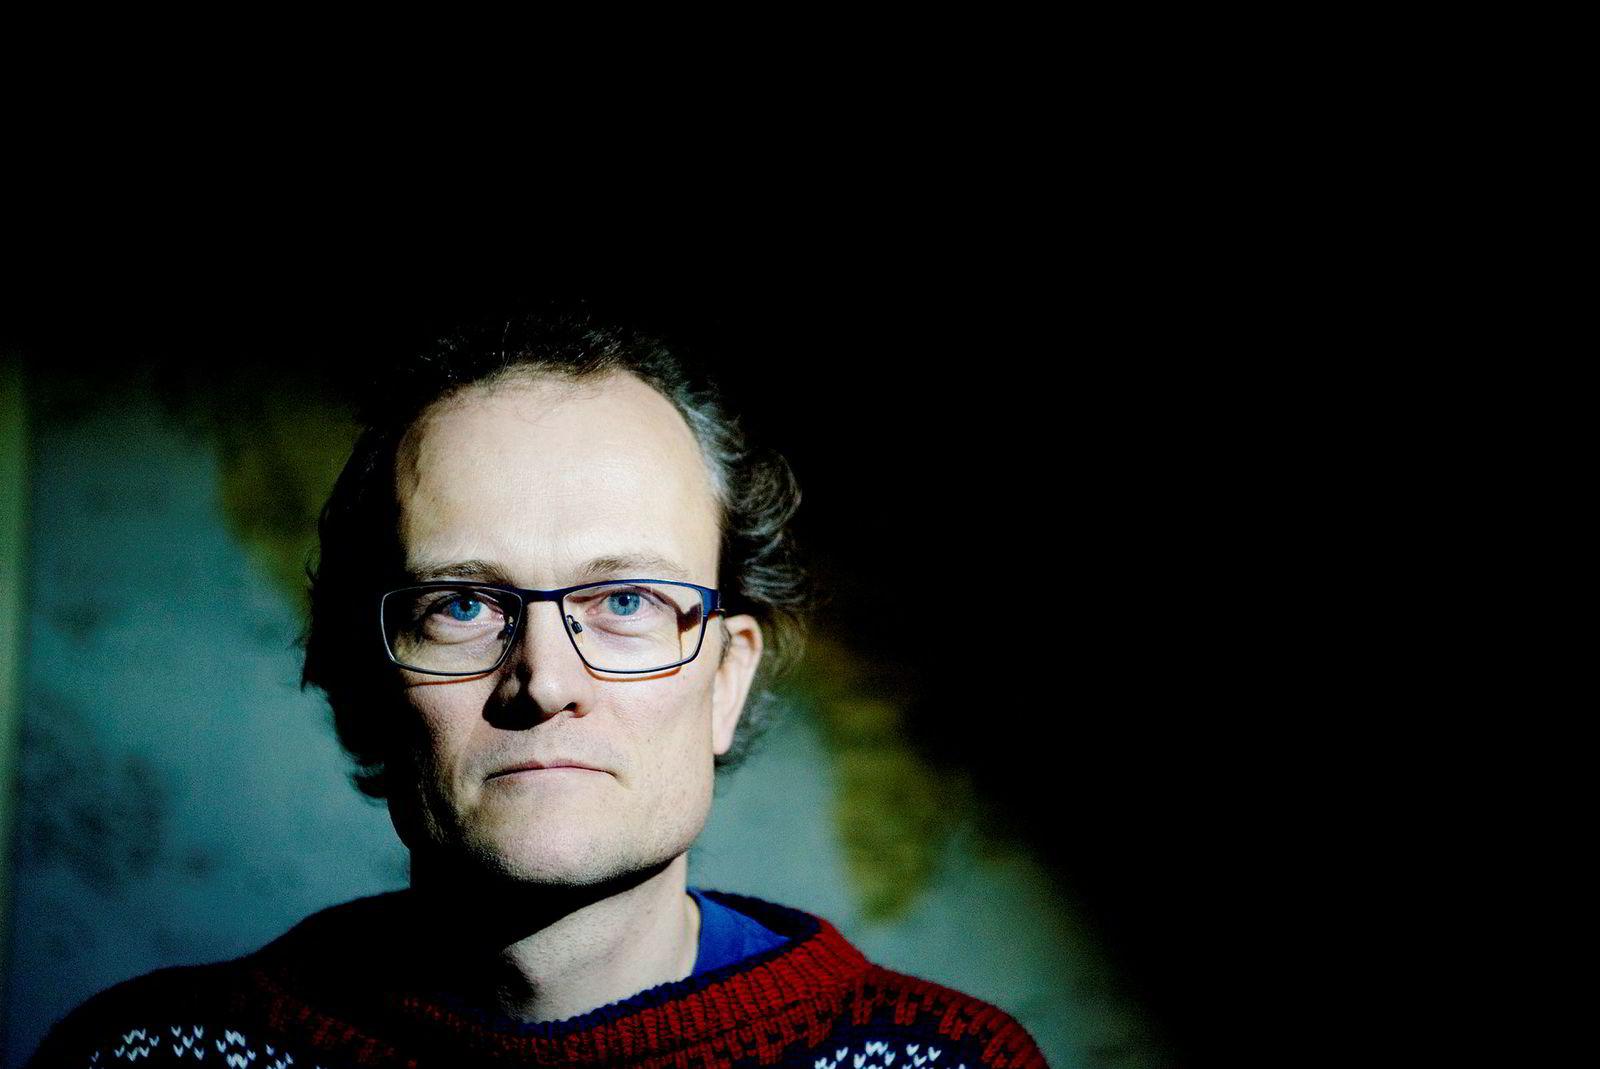 Sturle Melvær Sunde driver markedsplassen Sunde bitmynthandel for kjøp og salg av bitcoin.